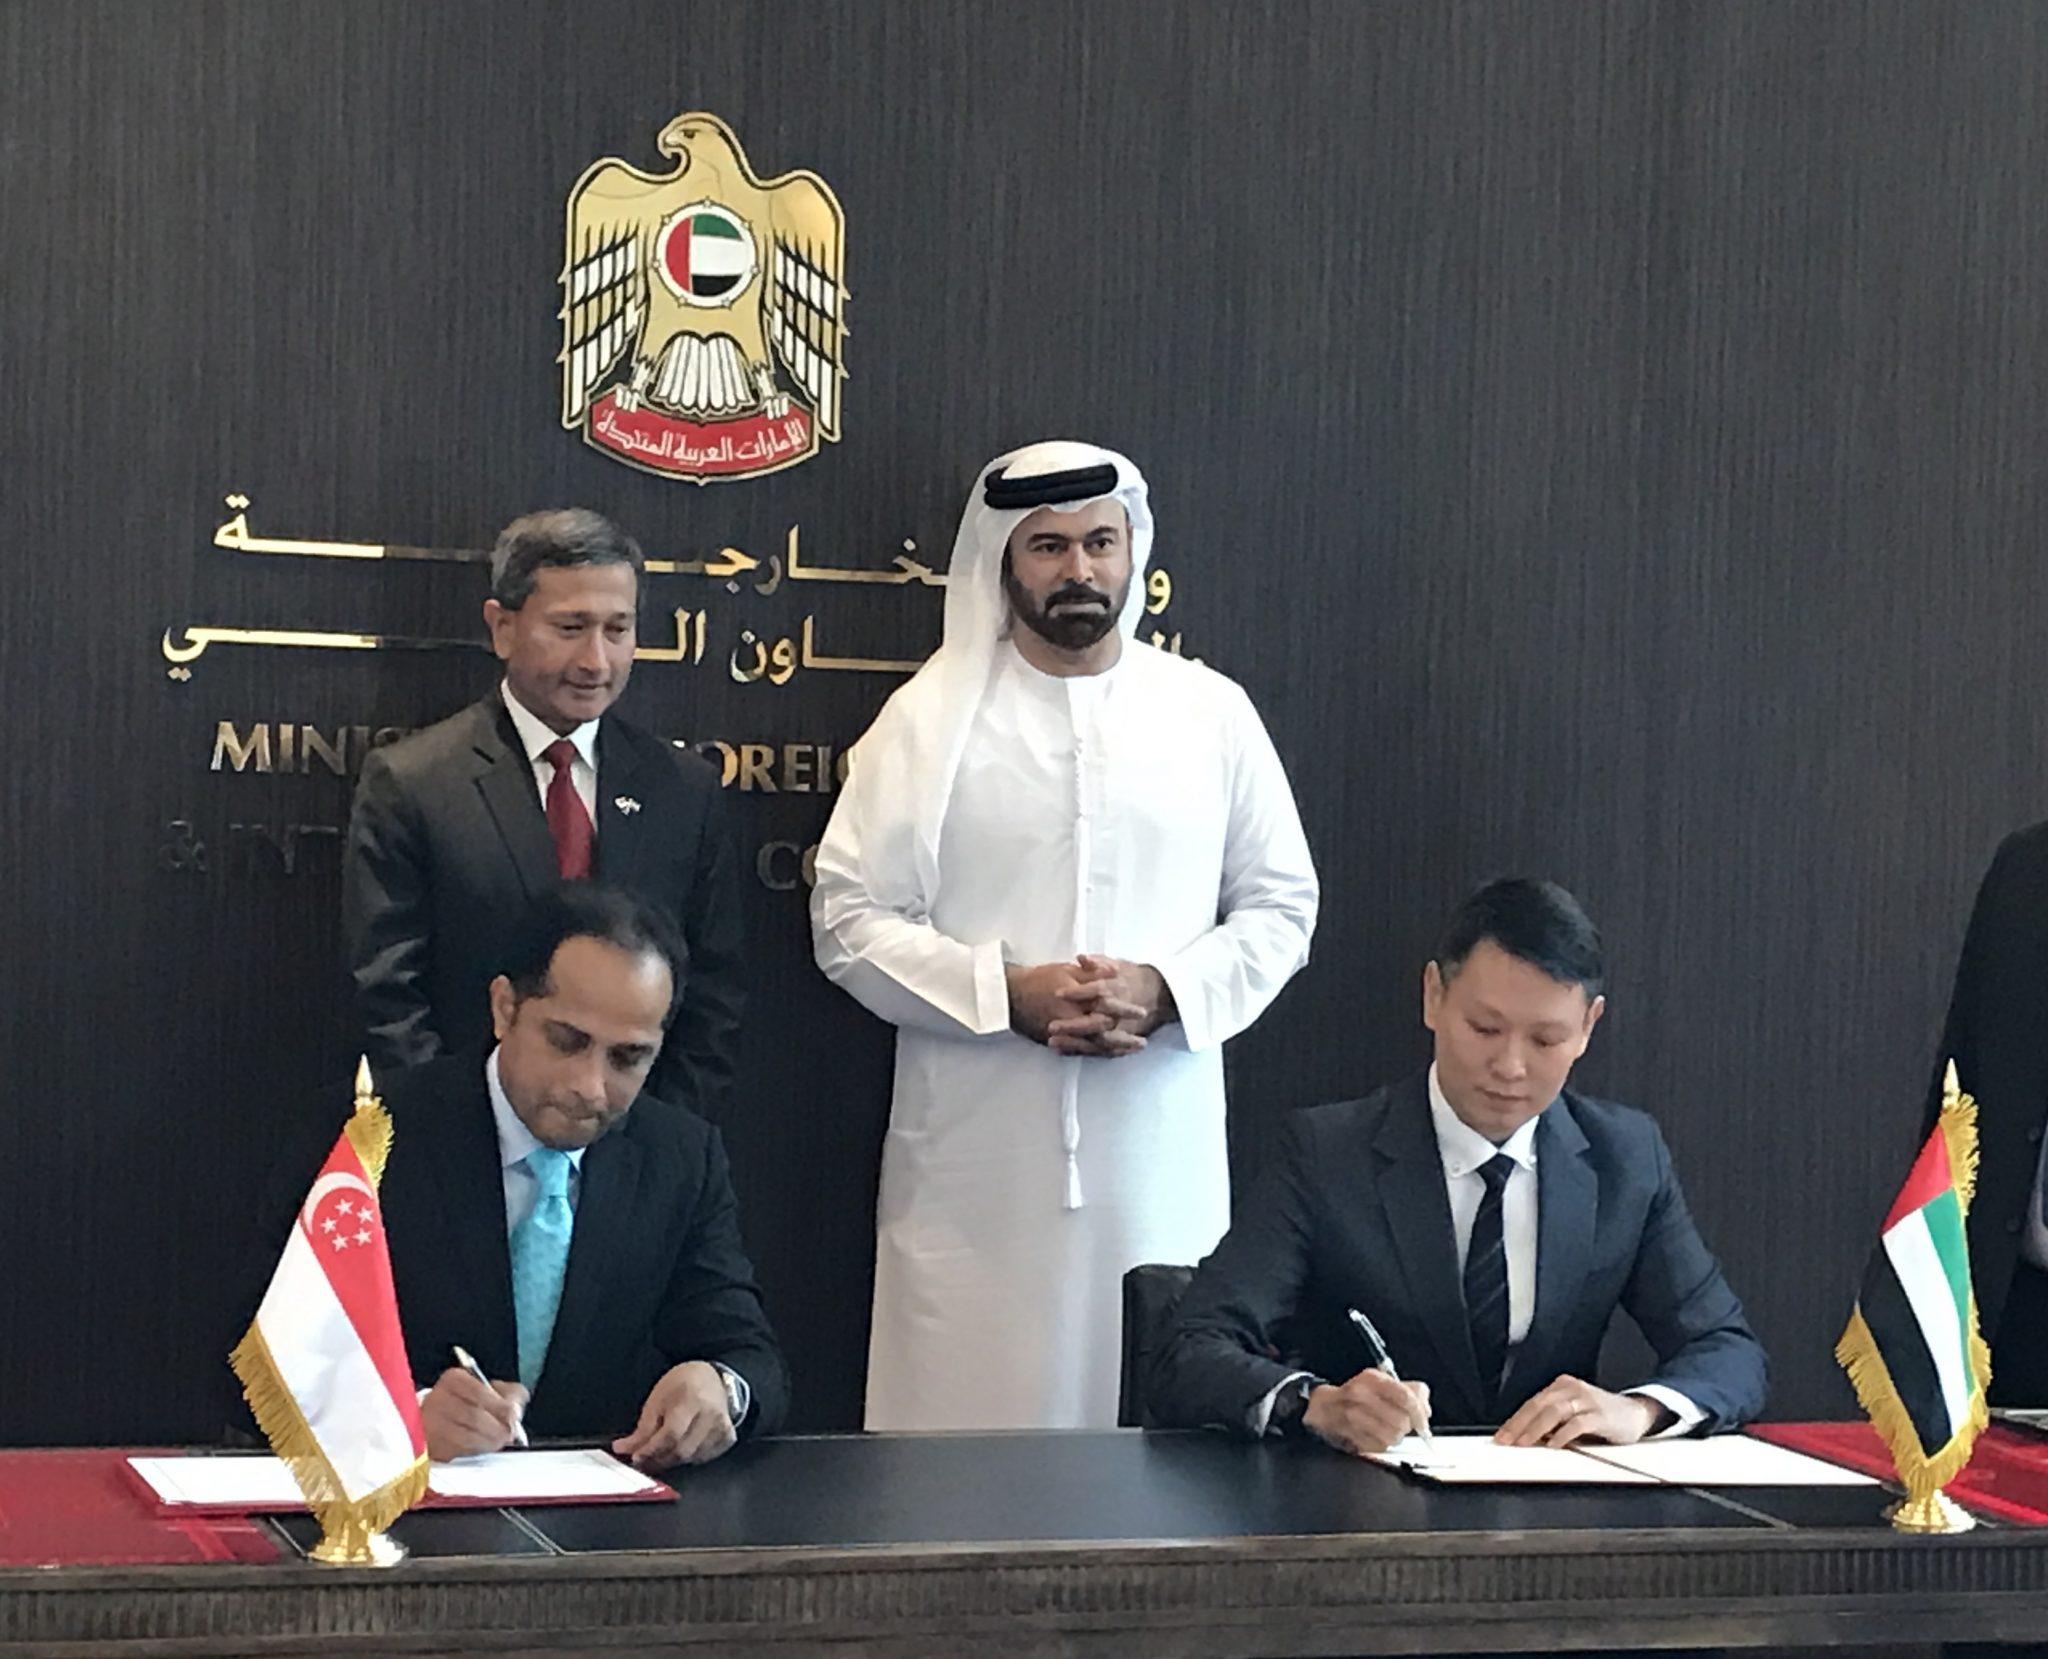 阿布扎比和新加坡签署了金融科技创新协议